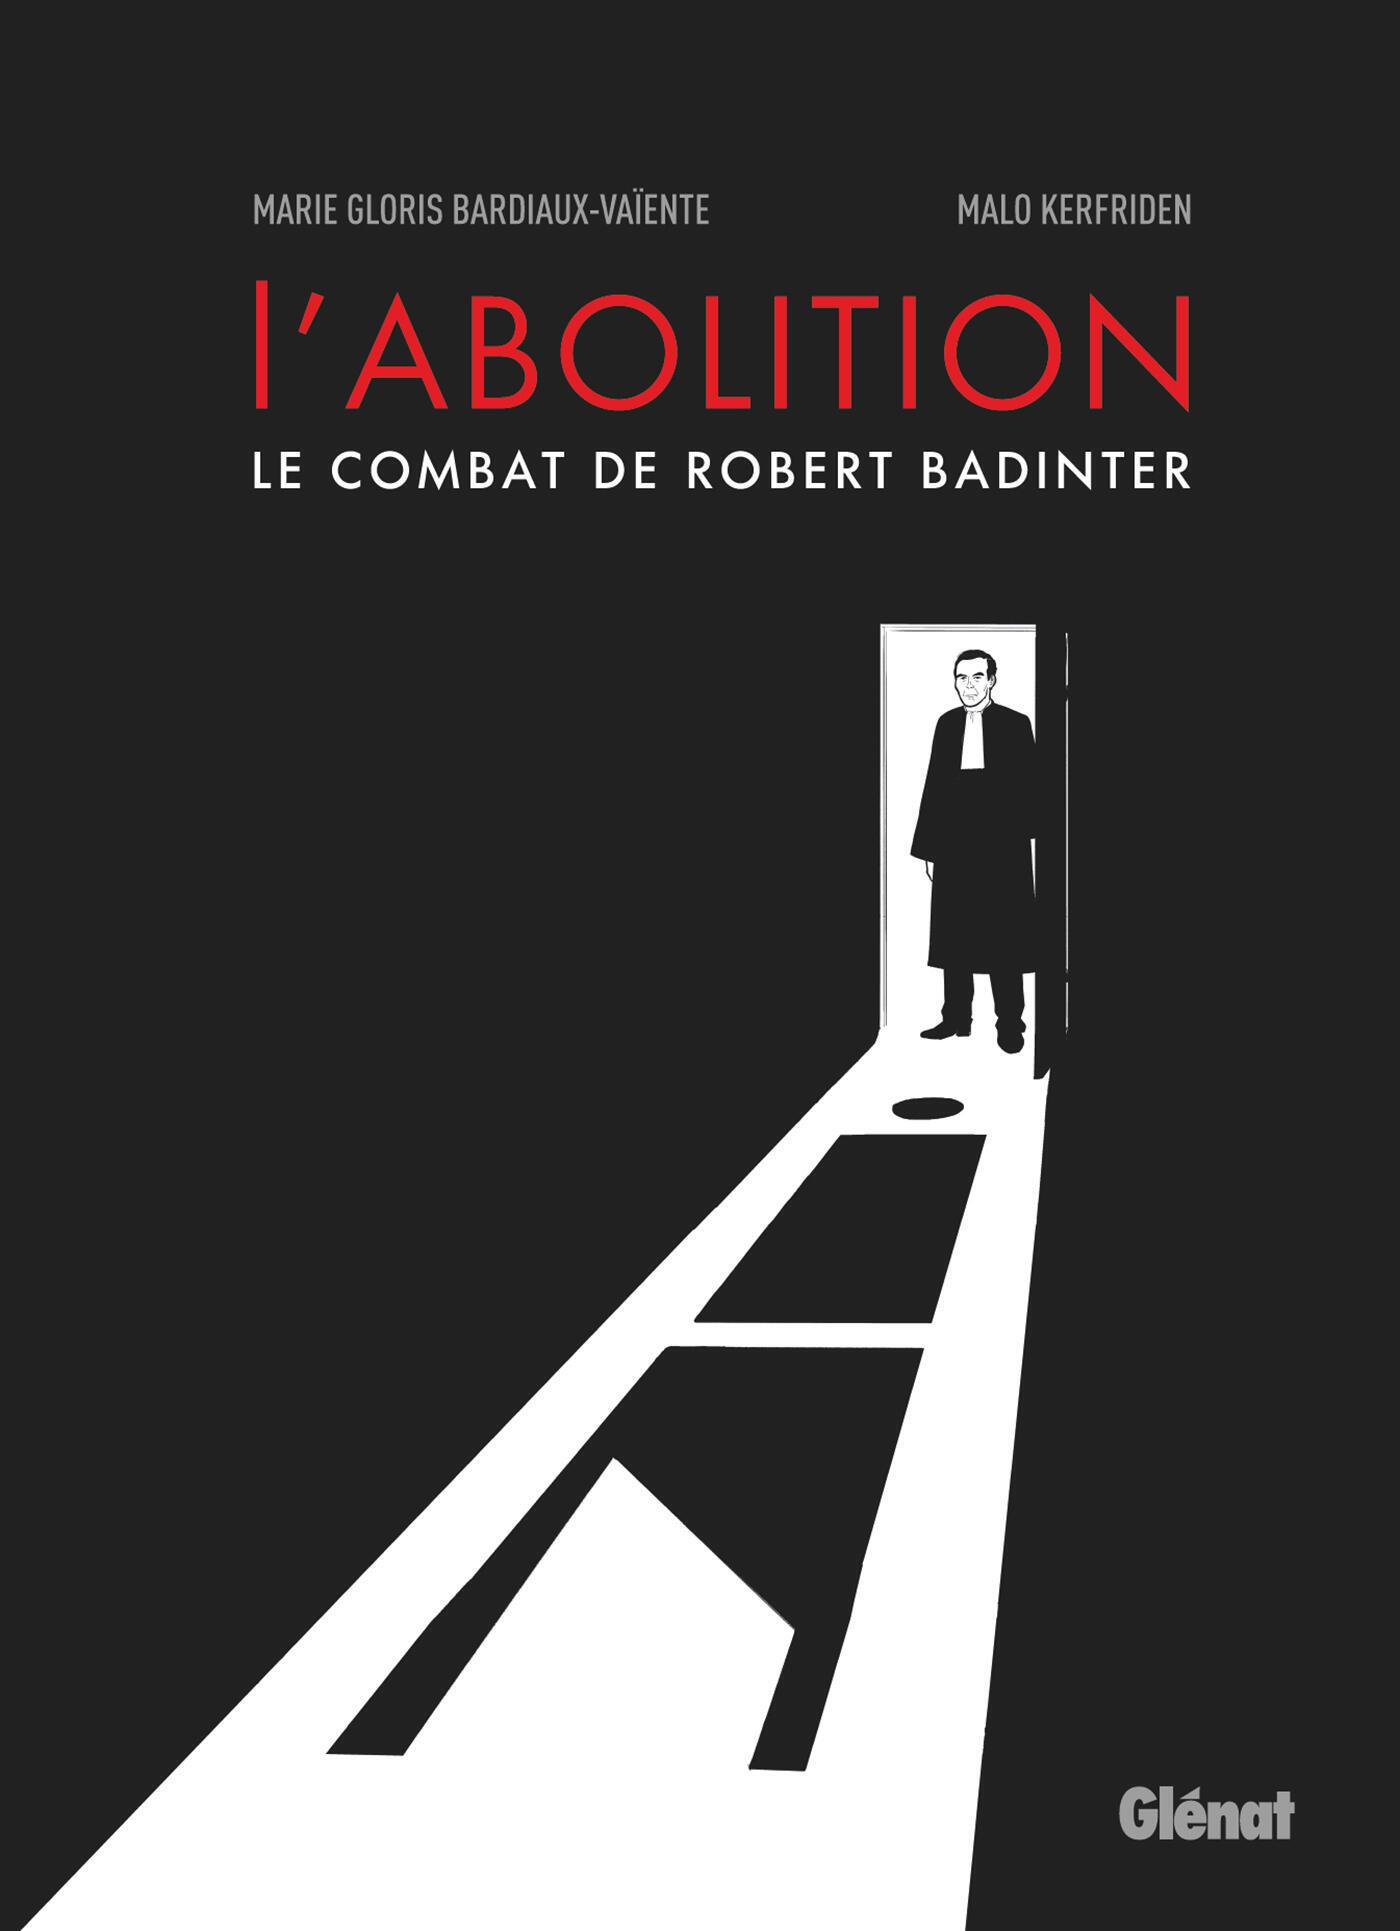 Couverture de la BD «L'abolition le combat de Robert Badinter», de Marie-Gloris Bardiaux-Vaiente et Malo Kerfriden.